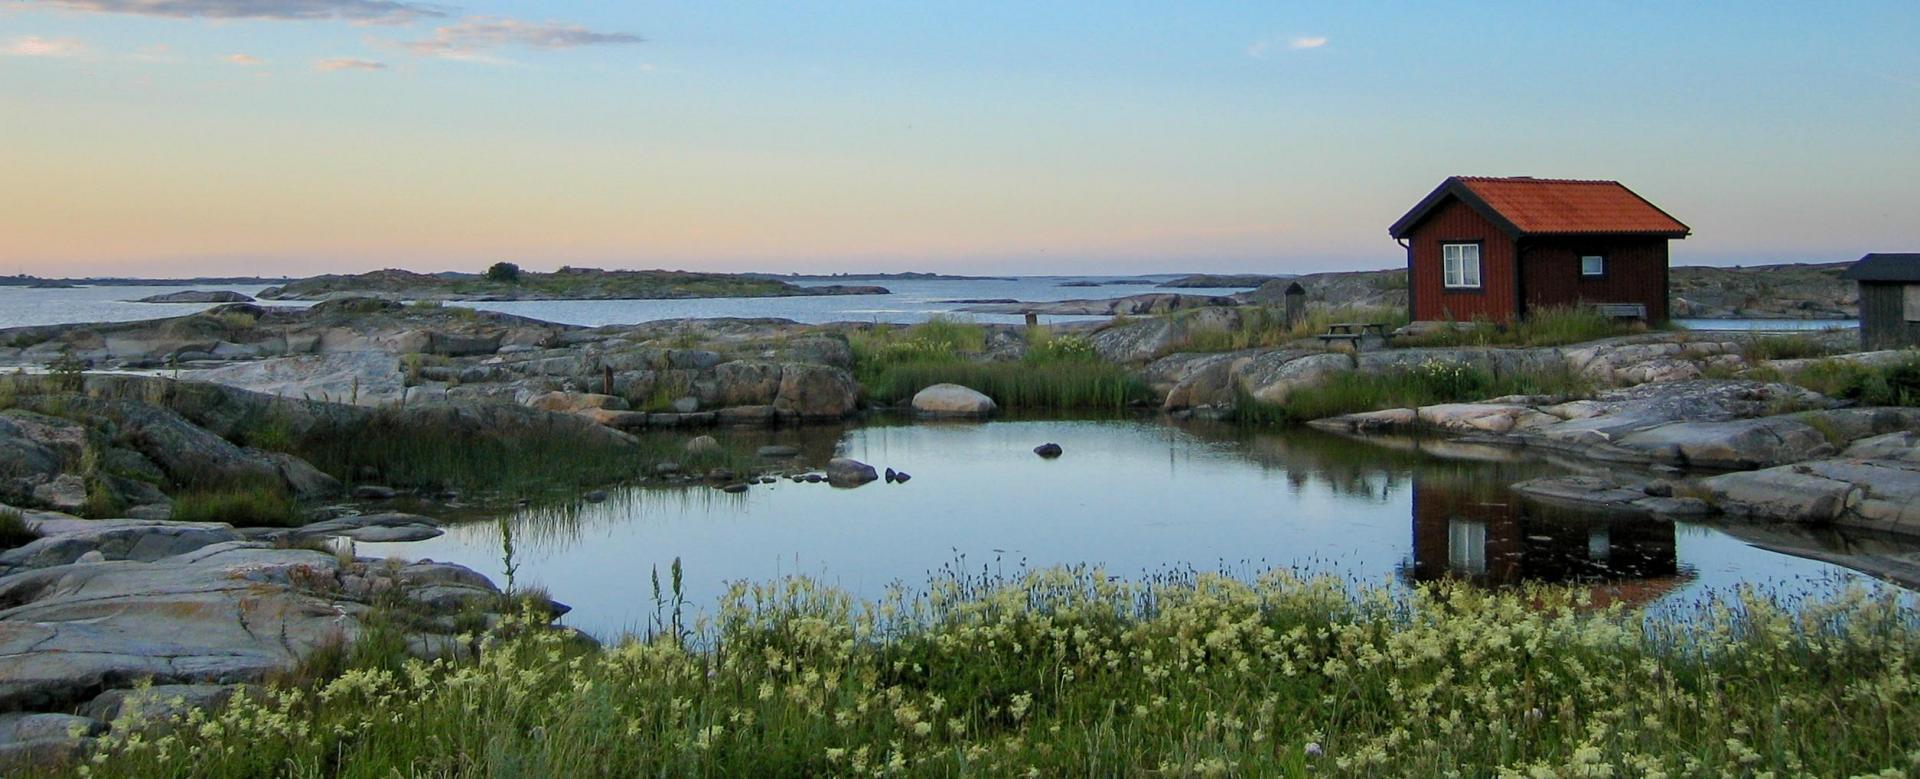 Voyage sur l'eau : Alpes suédoises, archipel de luleå et taïga